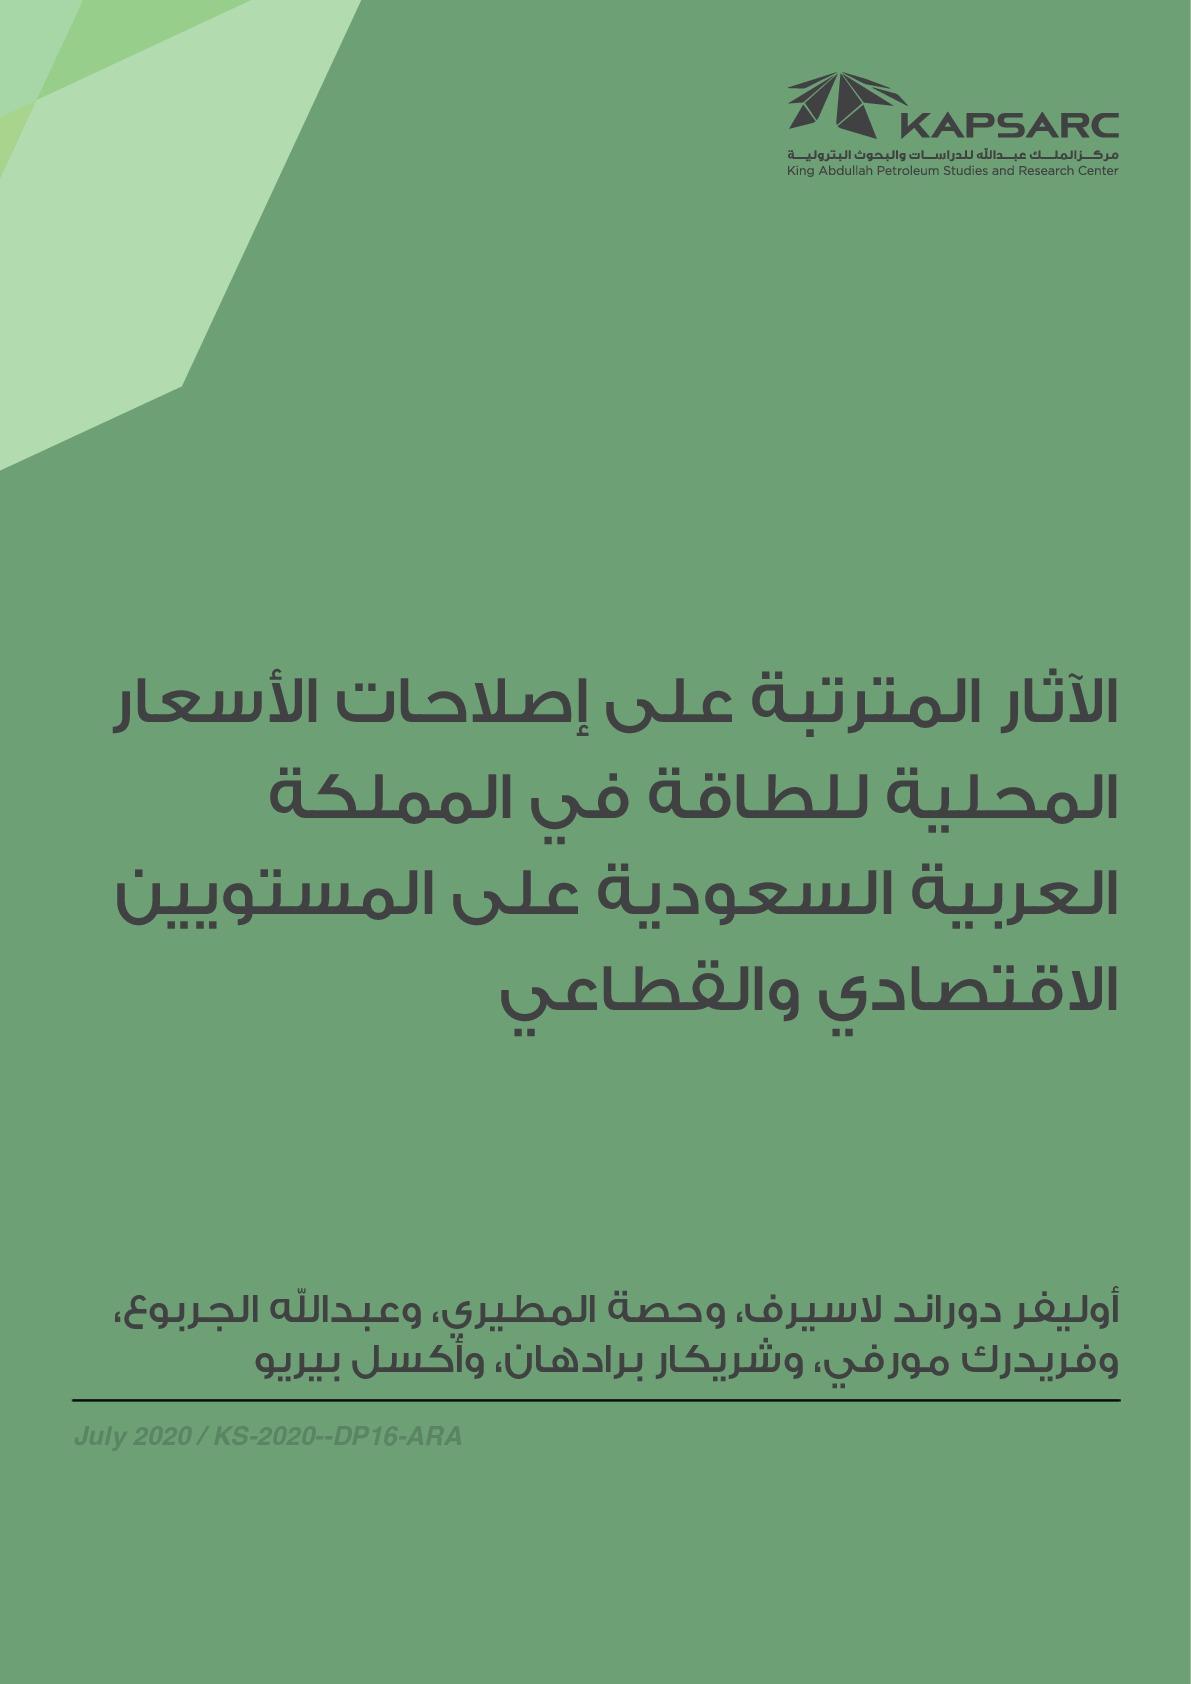 الآثار المترتبة على إصلاحات الأسعار المحلية للطاقة في المملكة العربية السعودية على المستويين الاقتصادي والقطاعي